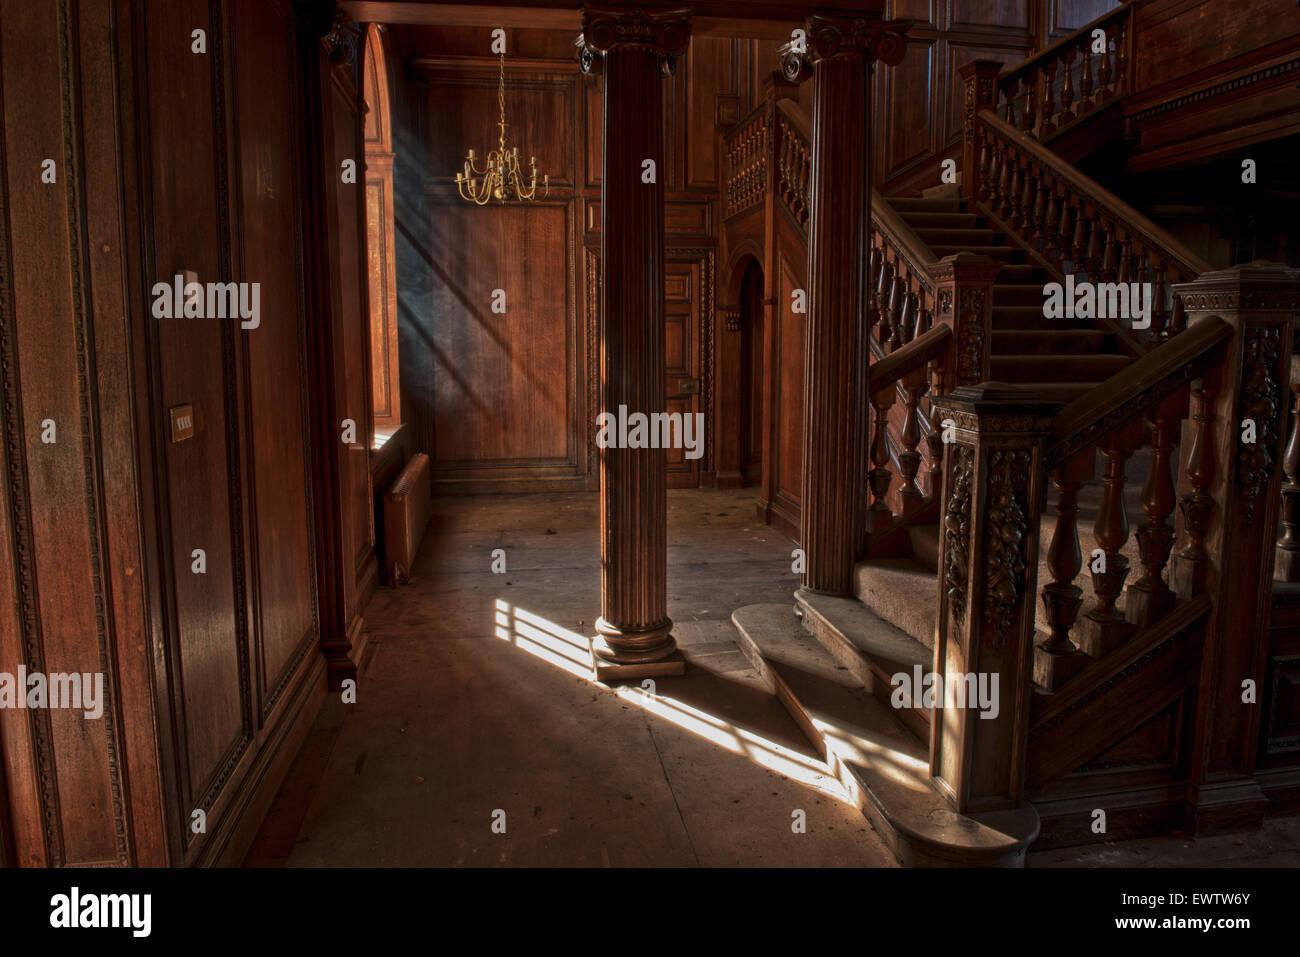 Ebanistería ornamental en la escalera en el Orfanato Silverlands, Chertsey, Surrey, Reino Unido Imagen De Stock